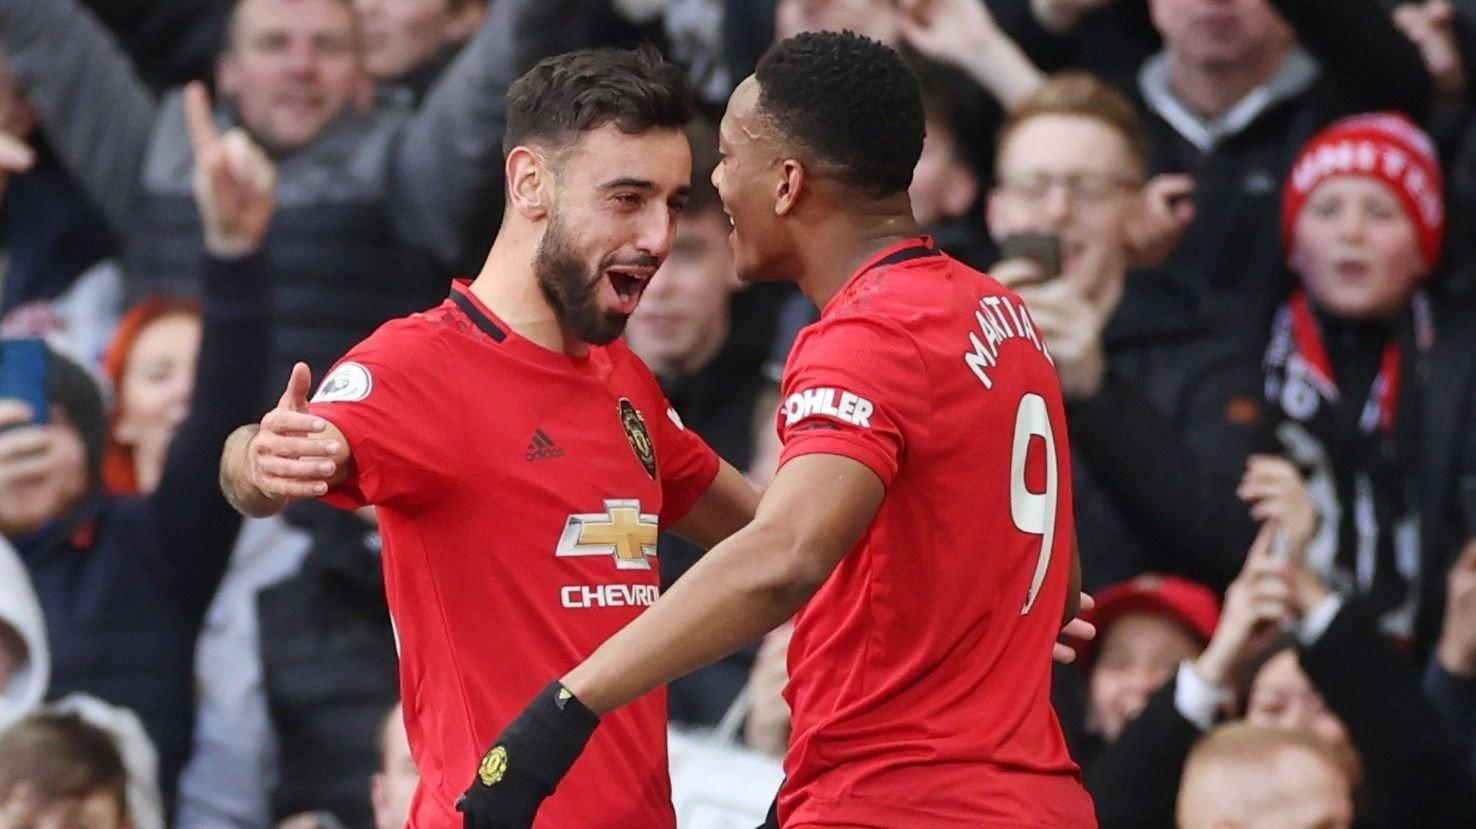 KJEFTA OG SÅ SMALT DET: Bruno Fernandes og Anthony Martial skal ha vært i ferd med å kjefte hverandre huden full, før de kombinerte for United-scoring.